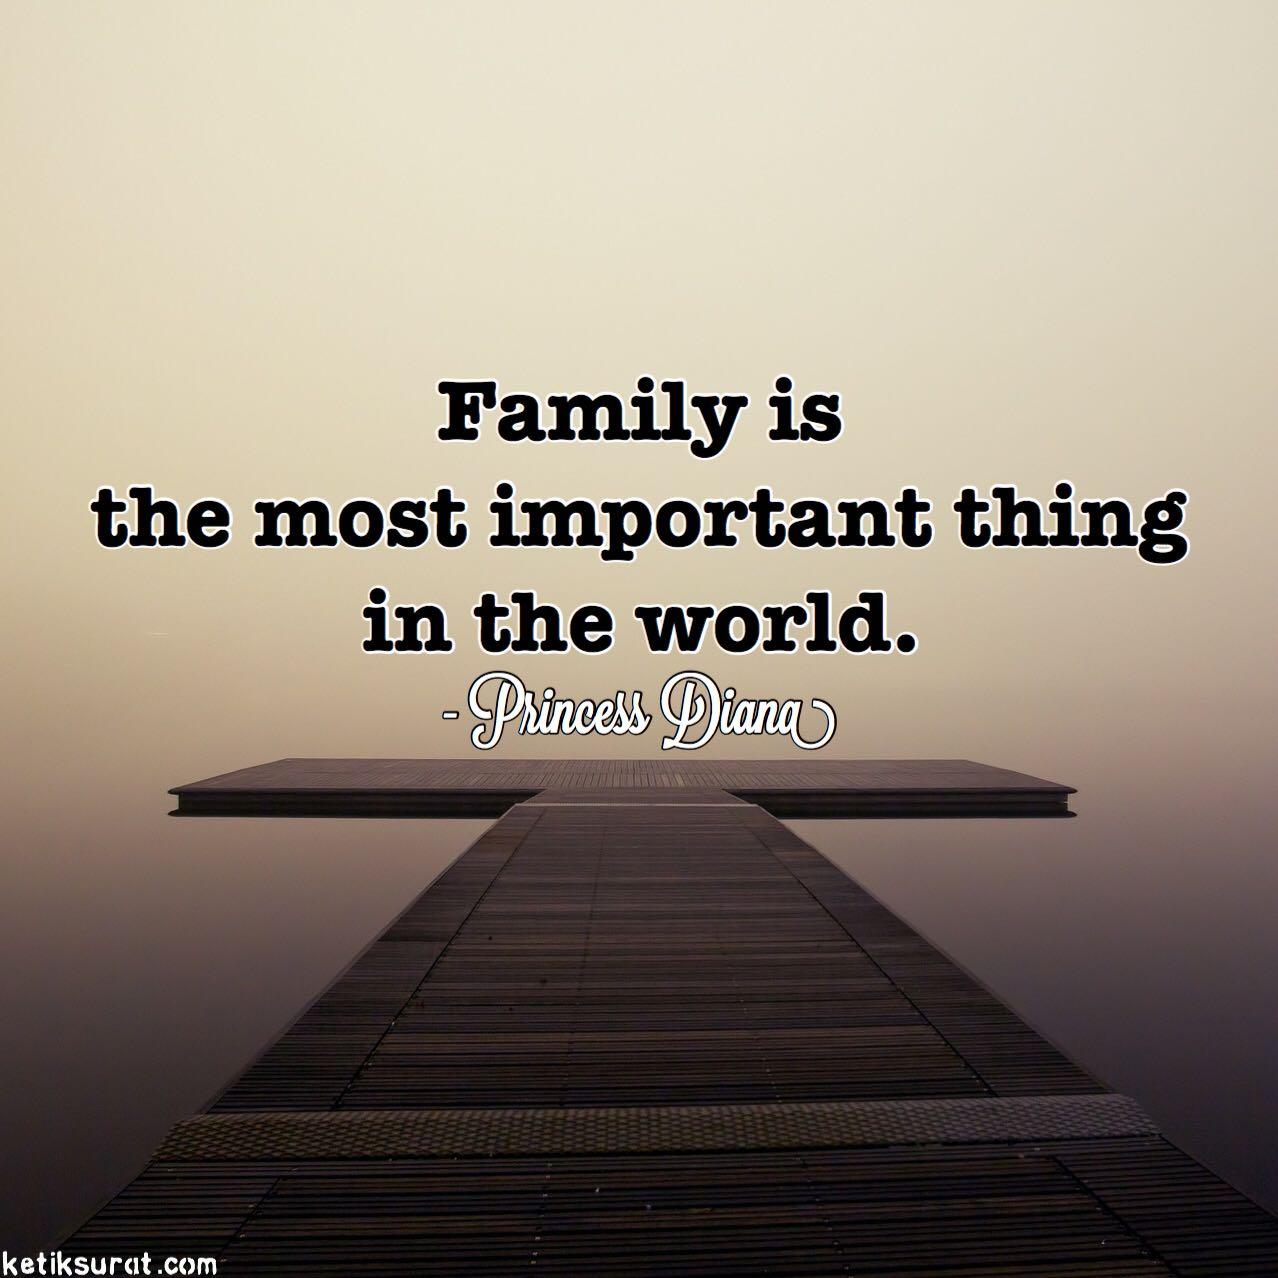 Kata Mutiara Bahasa Inggris Tentang Keluarga Quotemutiara